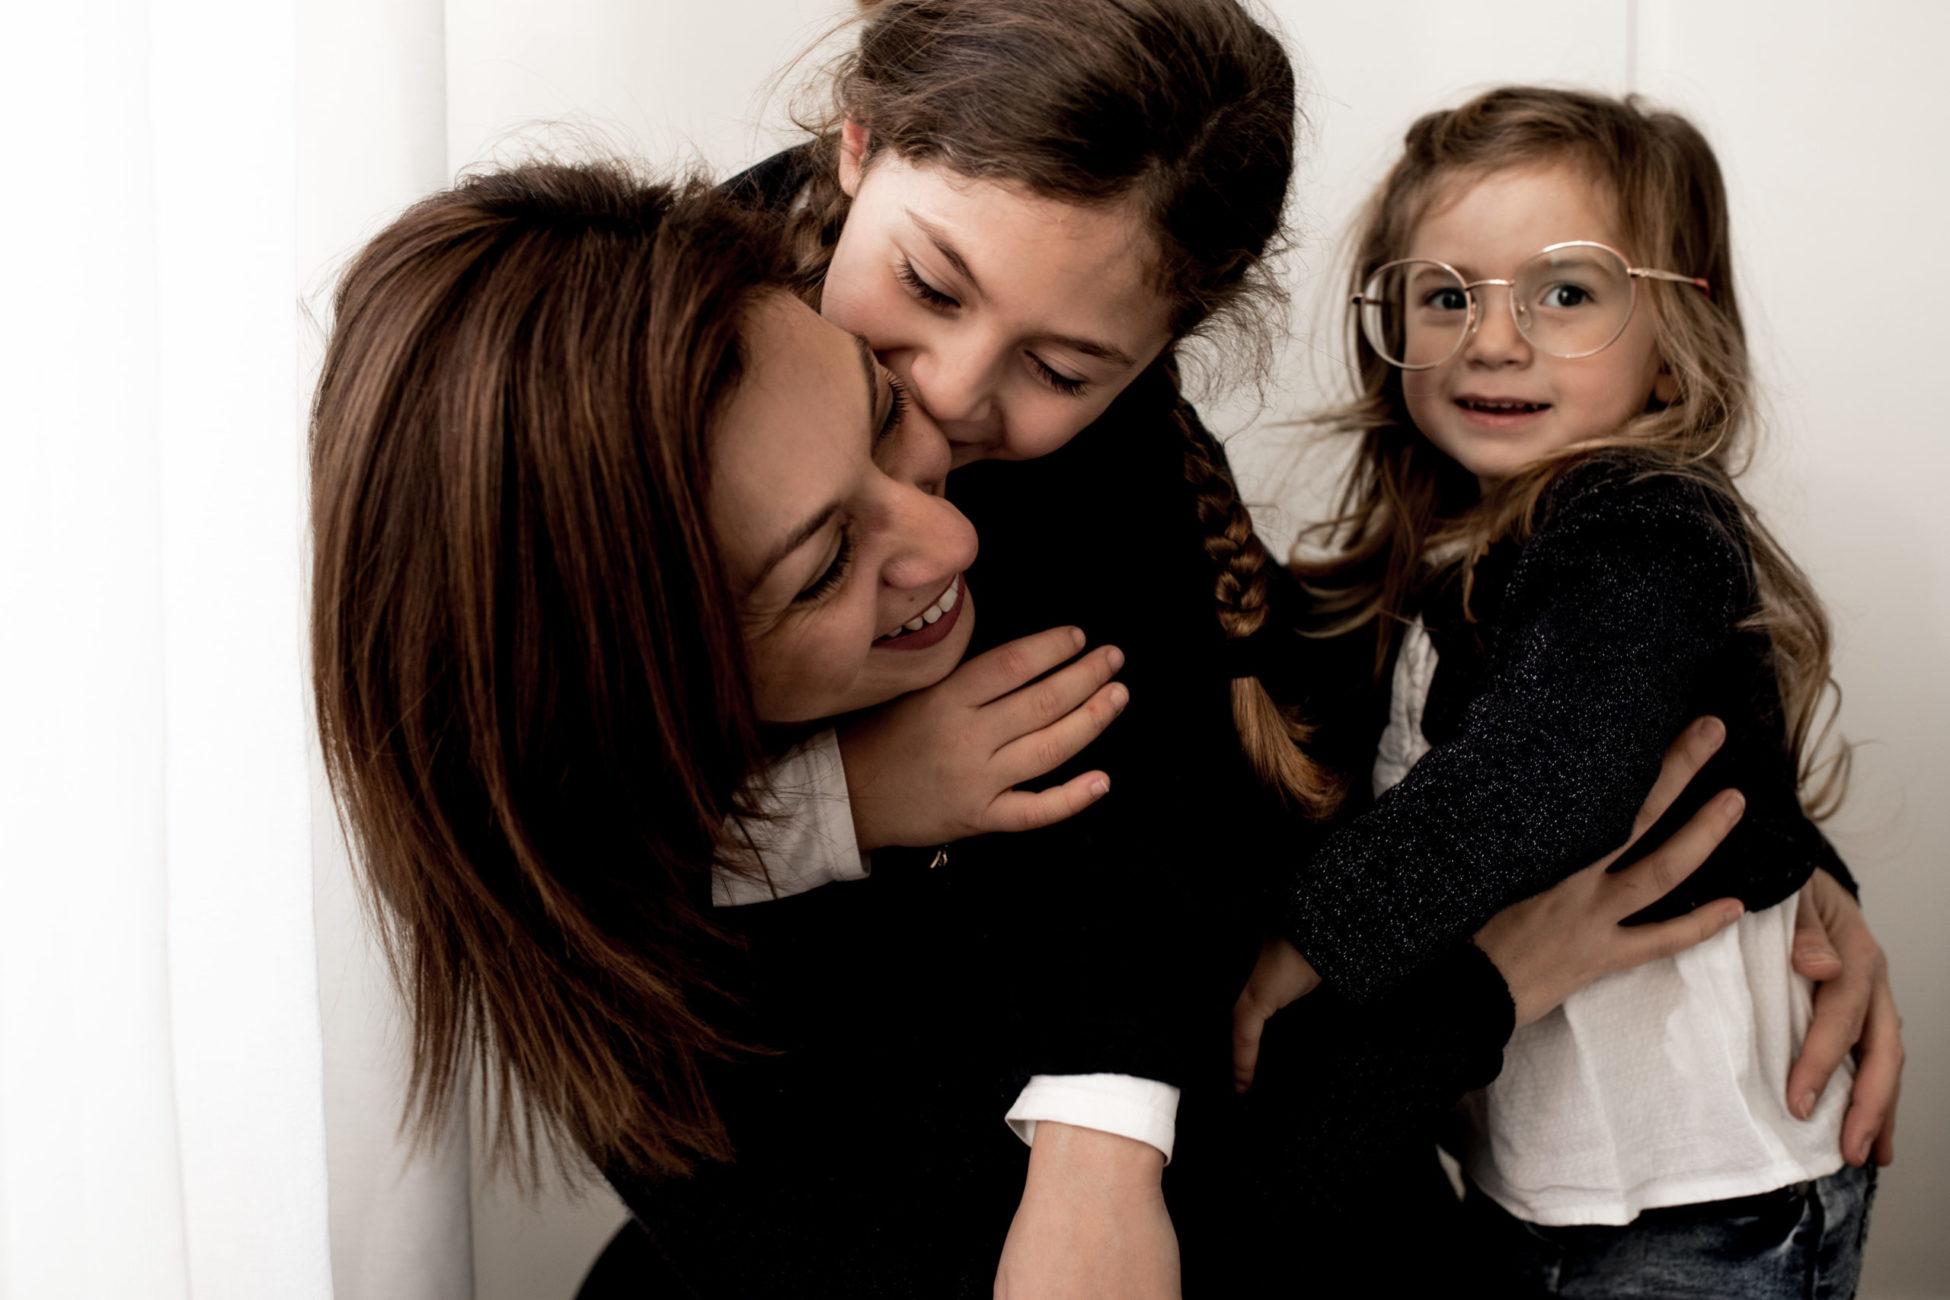 - Photographe Famille Lifestyle Pontault Combault - Paris - Ile de France - seance photo famille en interieur paris - seance photo famille a domicile - dalale shoeir photographe